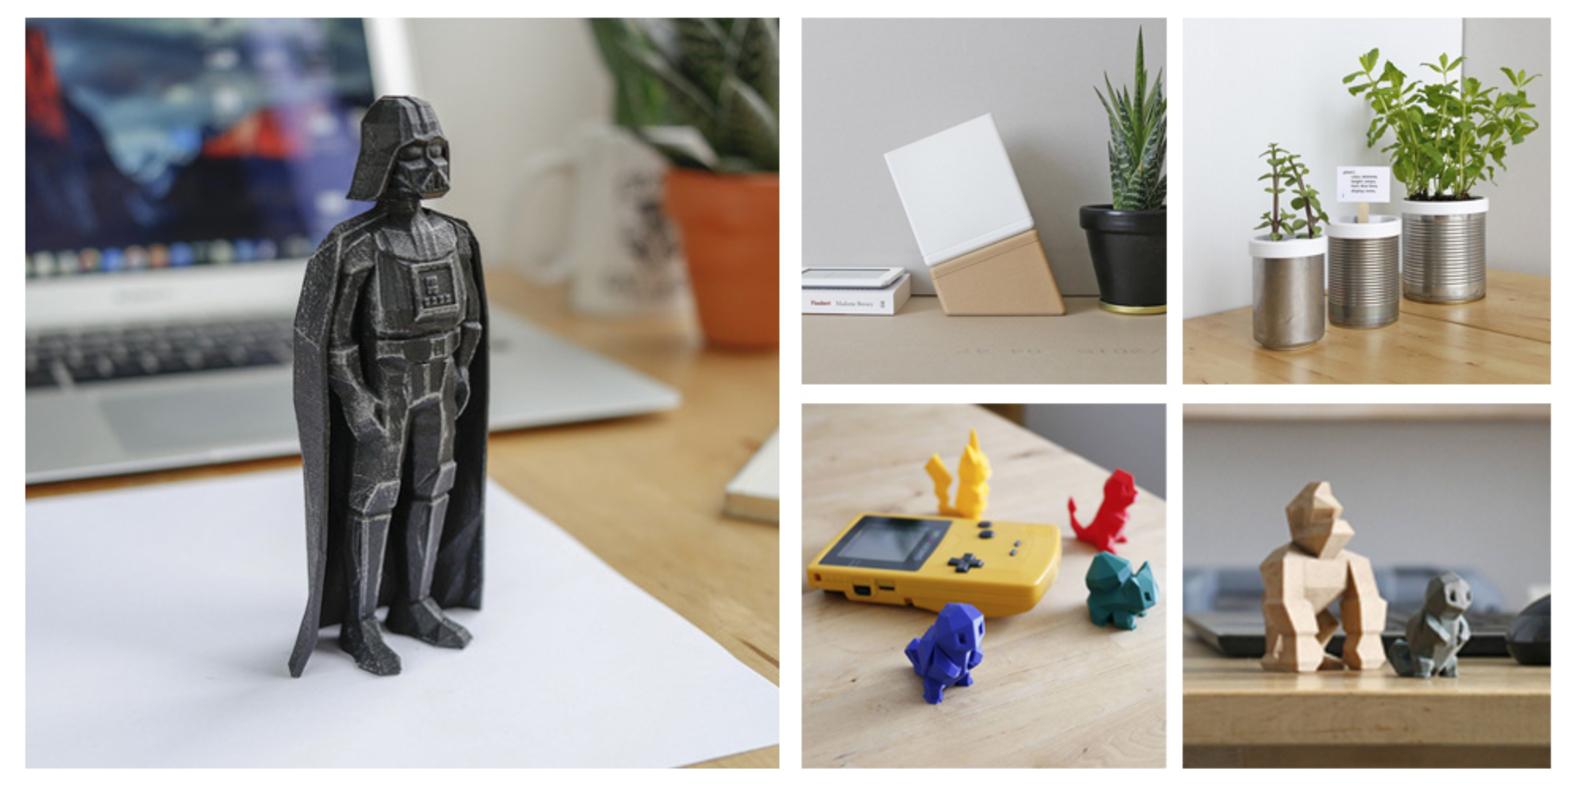 Entrevista a los diseñadores de impresión 3D: Agustin Flowalistik